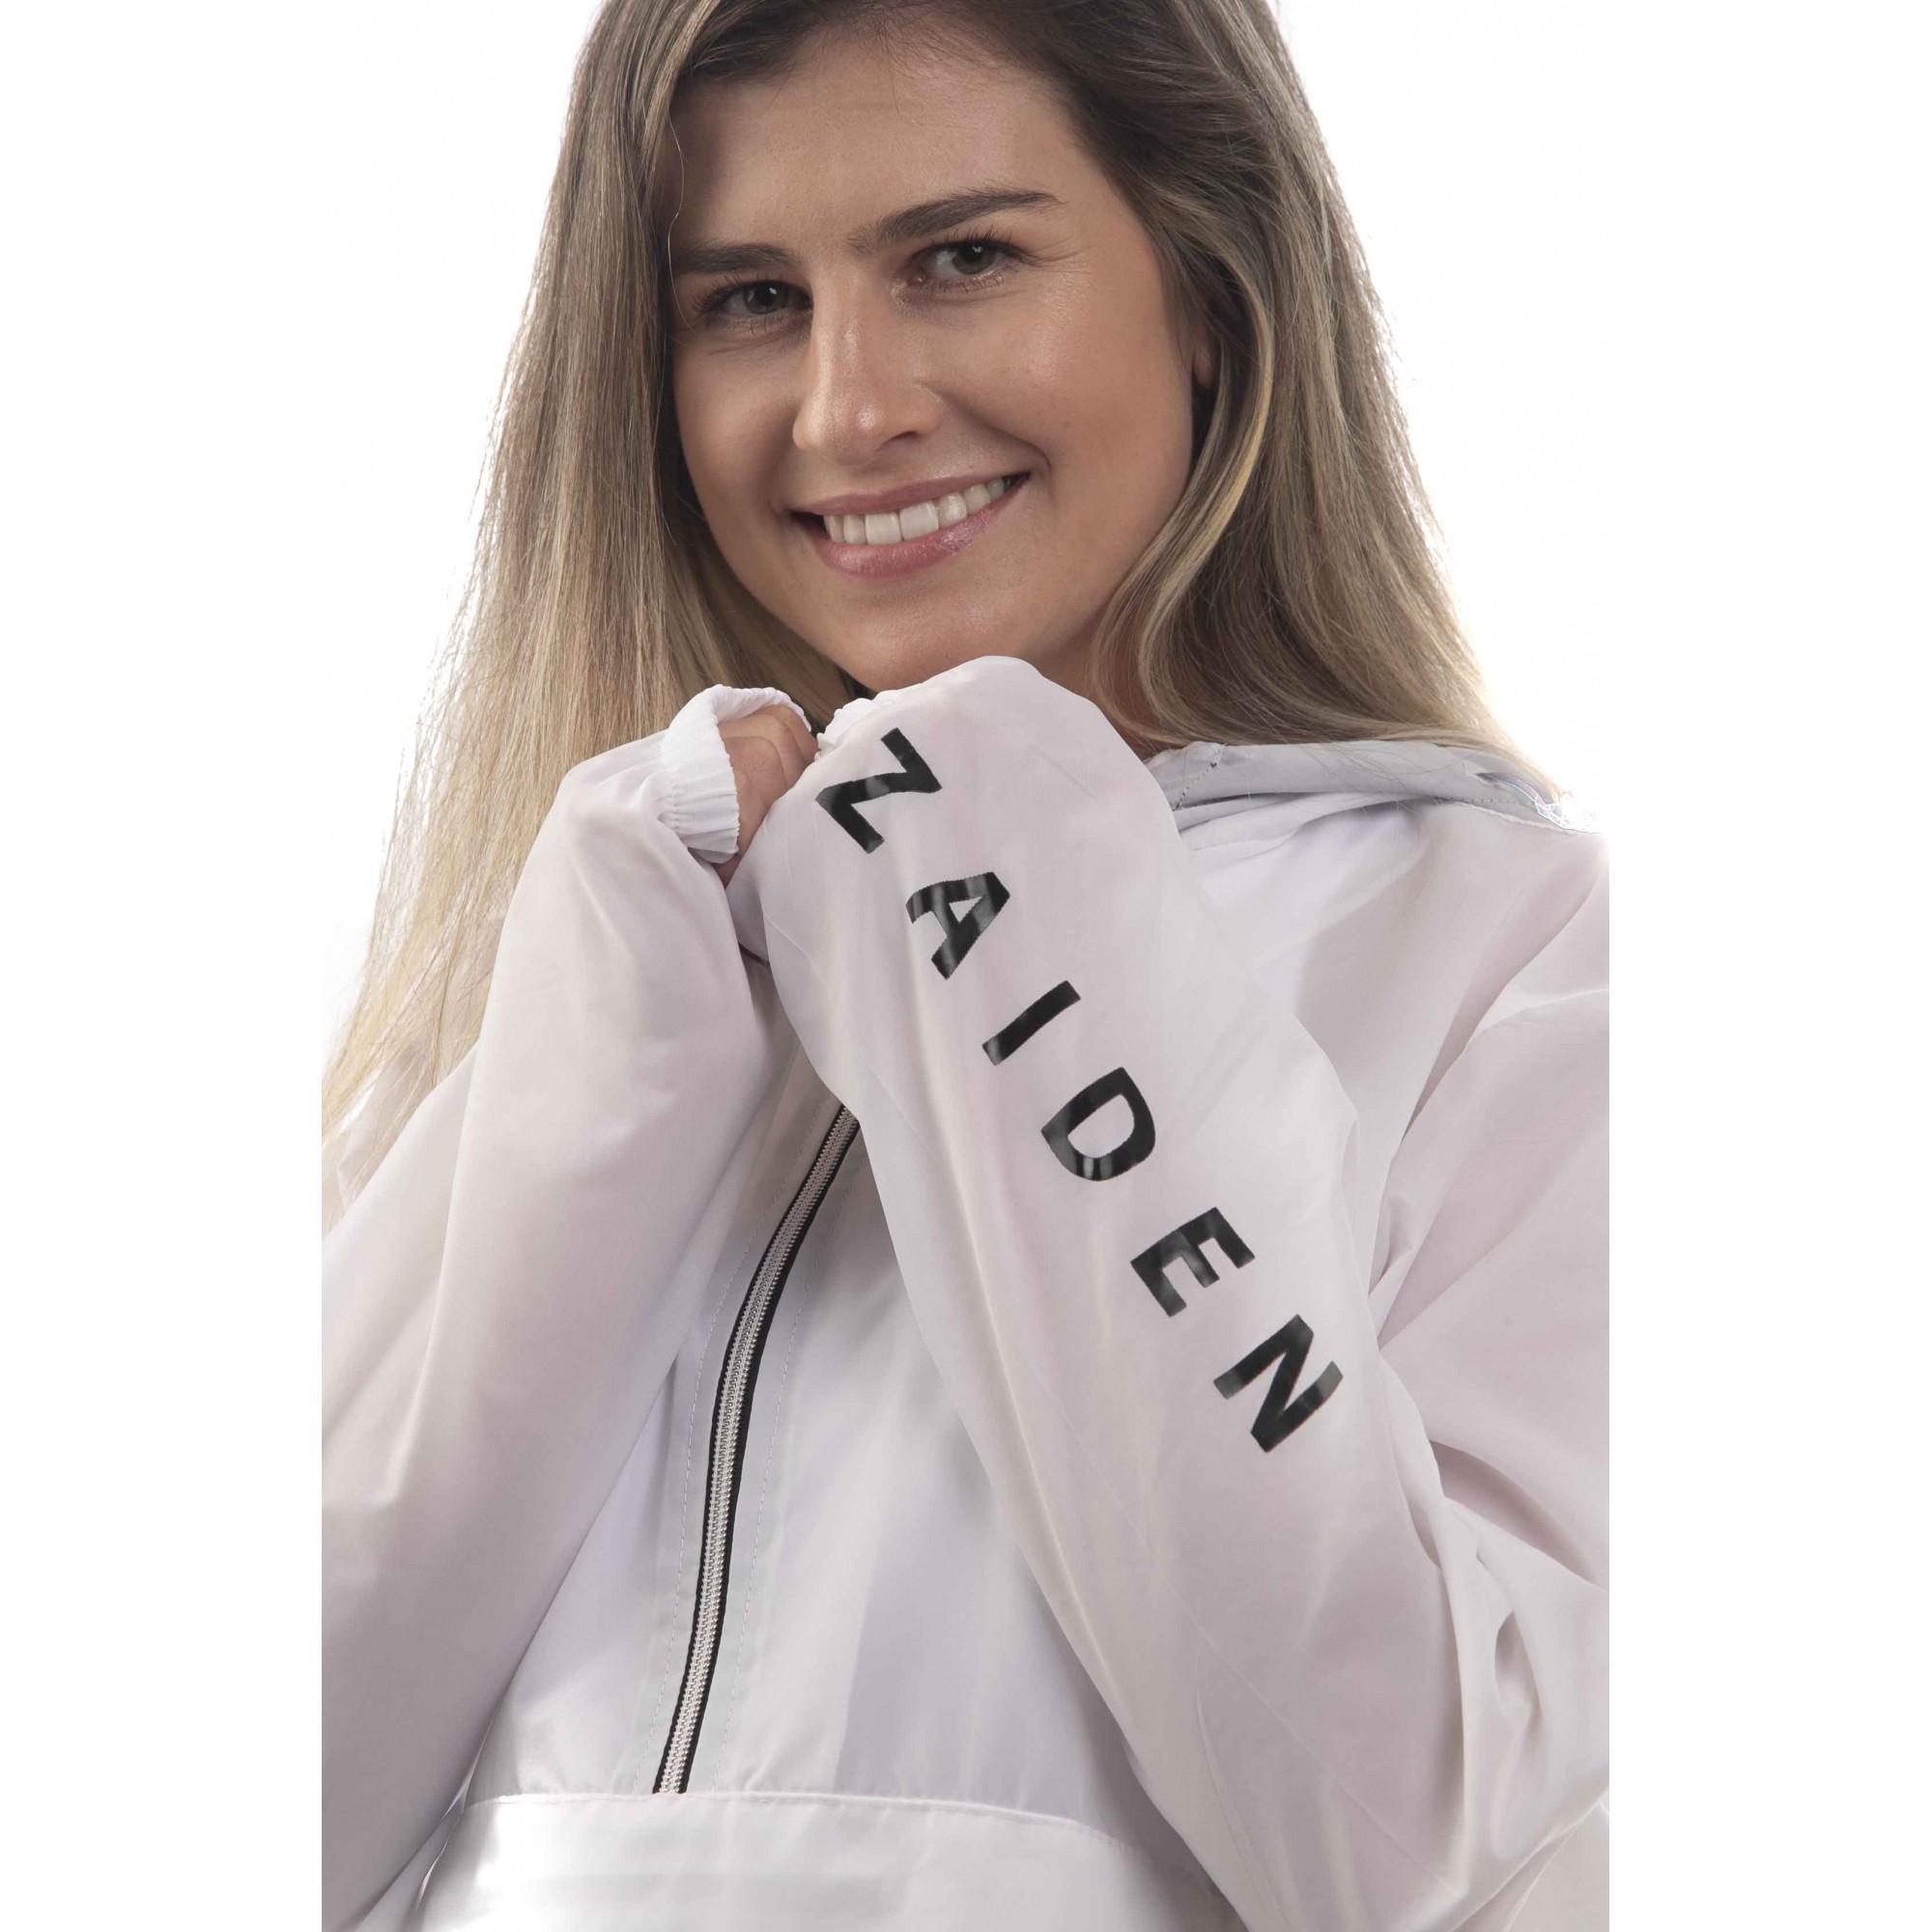 Corta Vento Feminino Windsports ZAIDEN Branco - Black Box